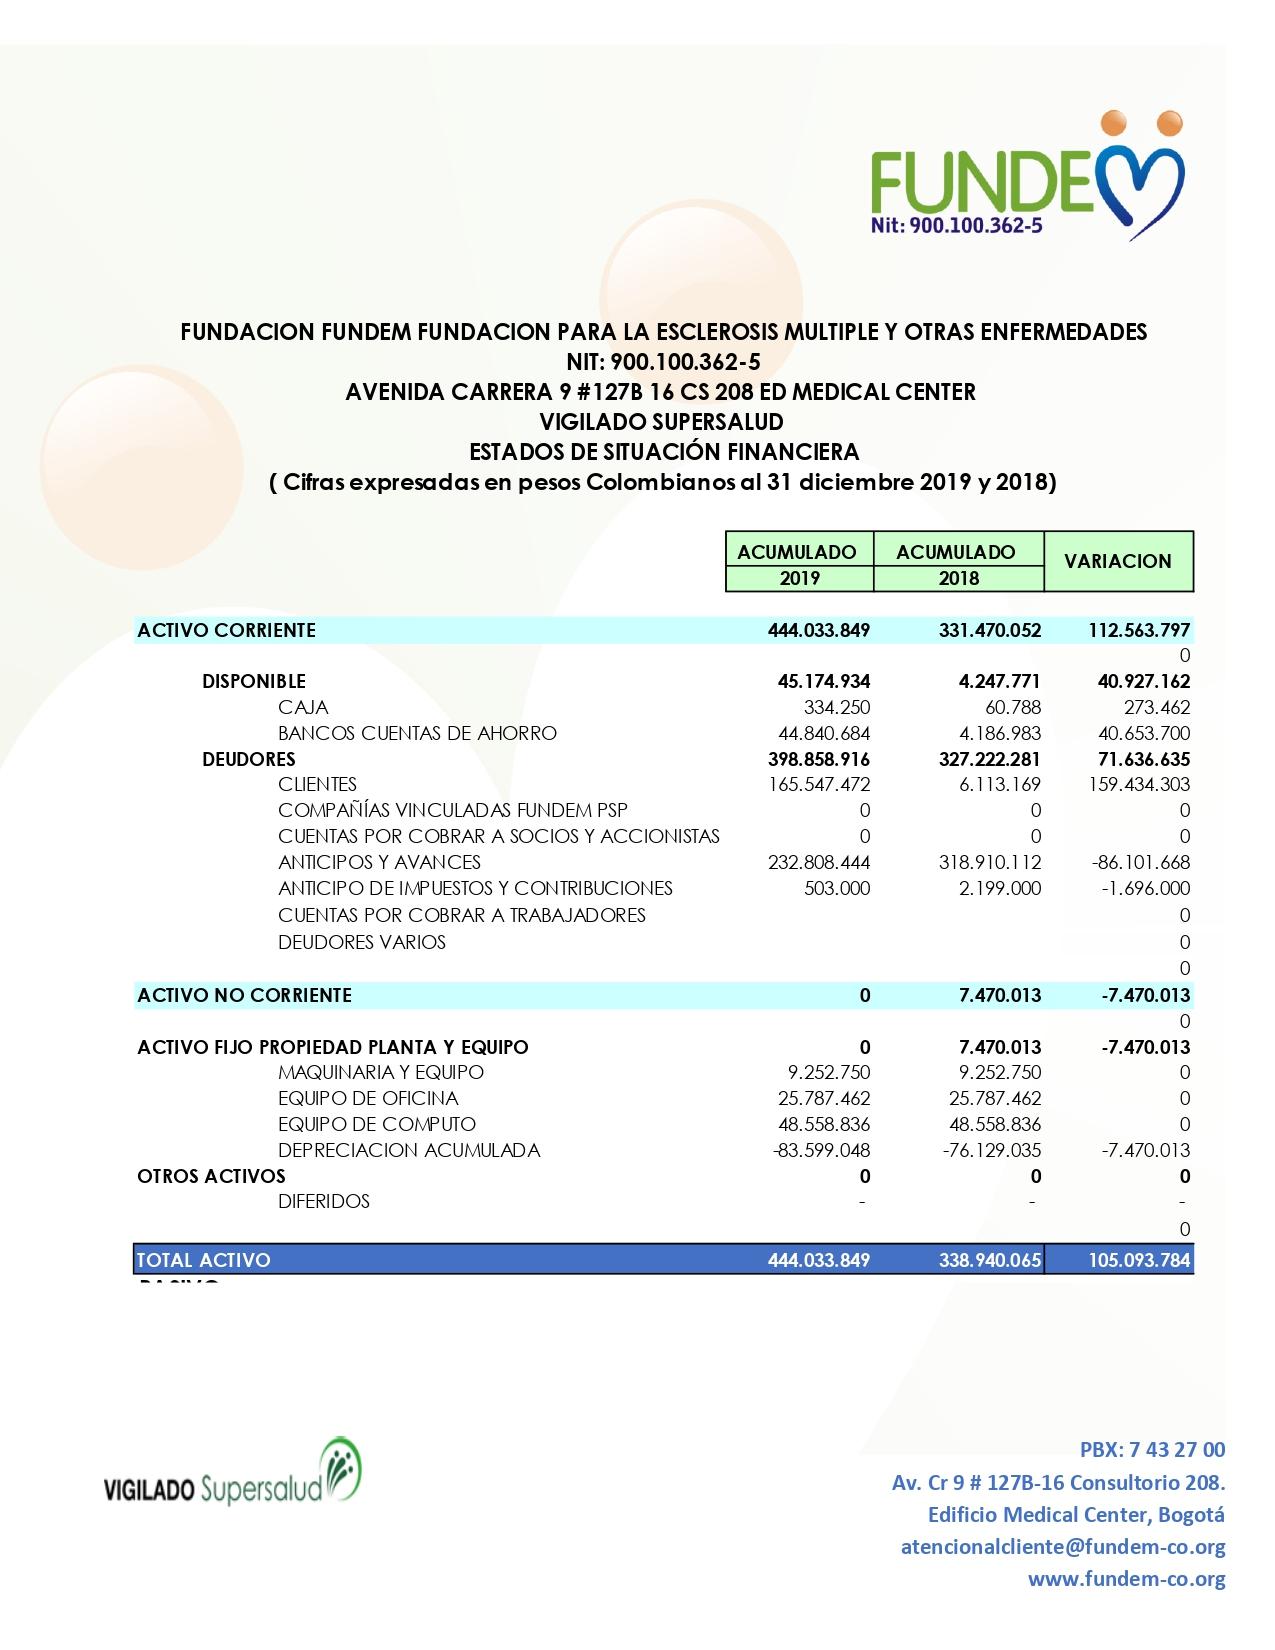 ESTADOS FINANCIEROS FUNDACION FUNDEM_page-0001